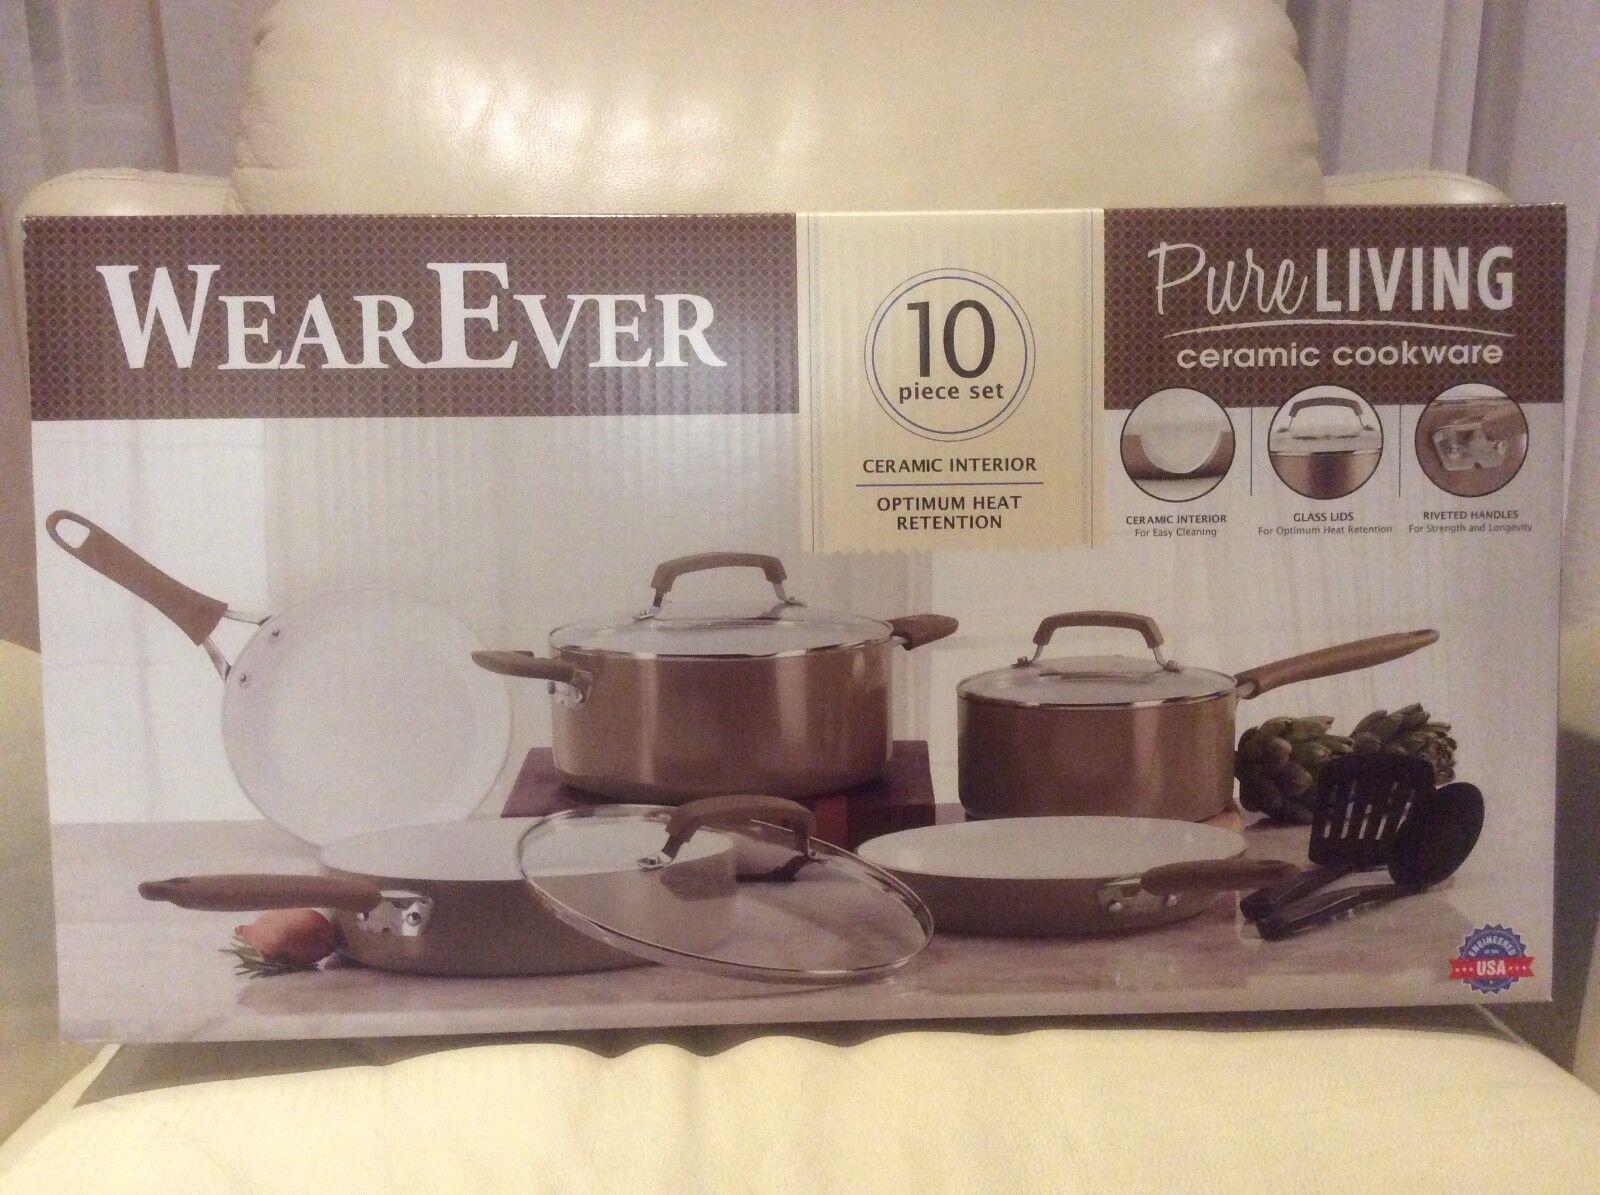 pure living ceramic cookware 10 piece set